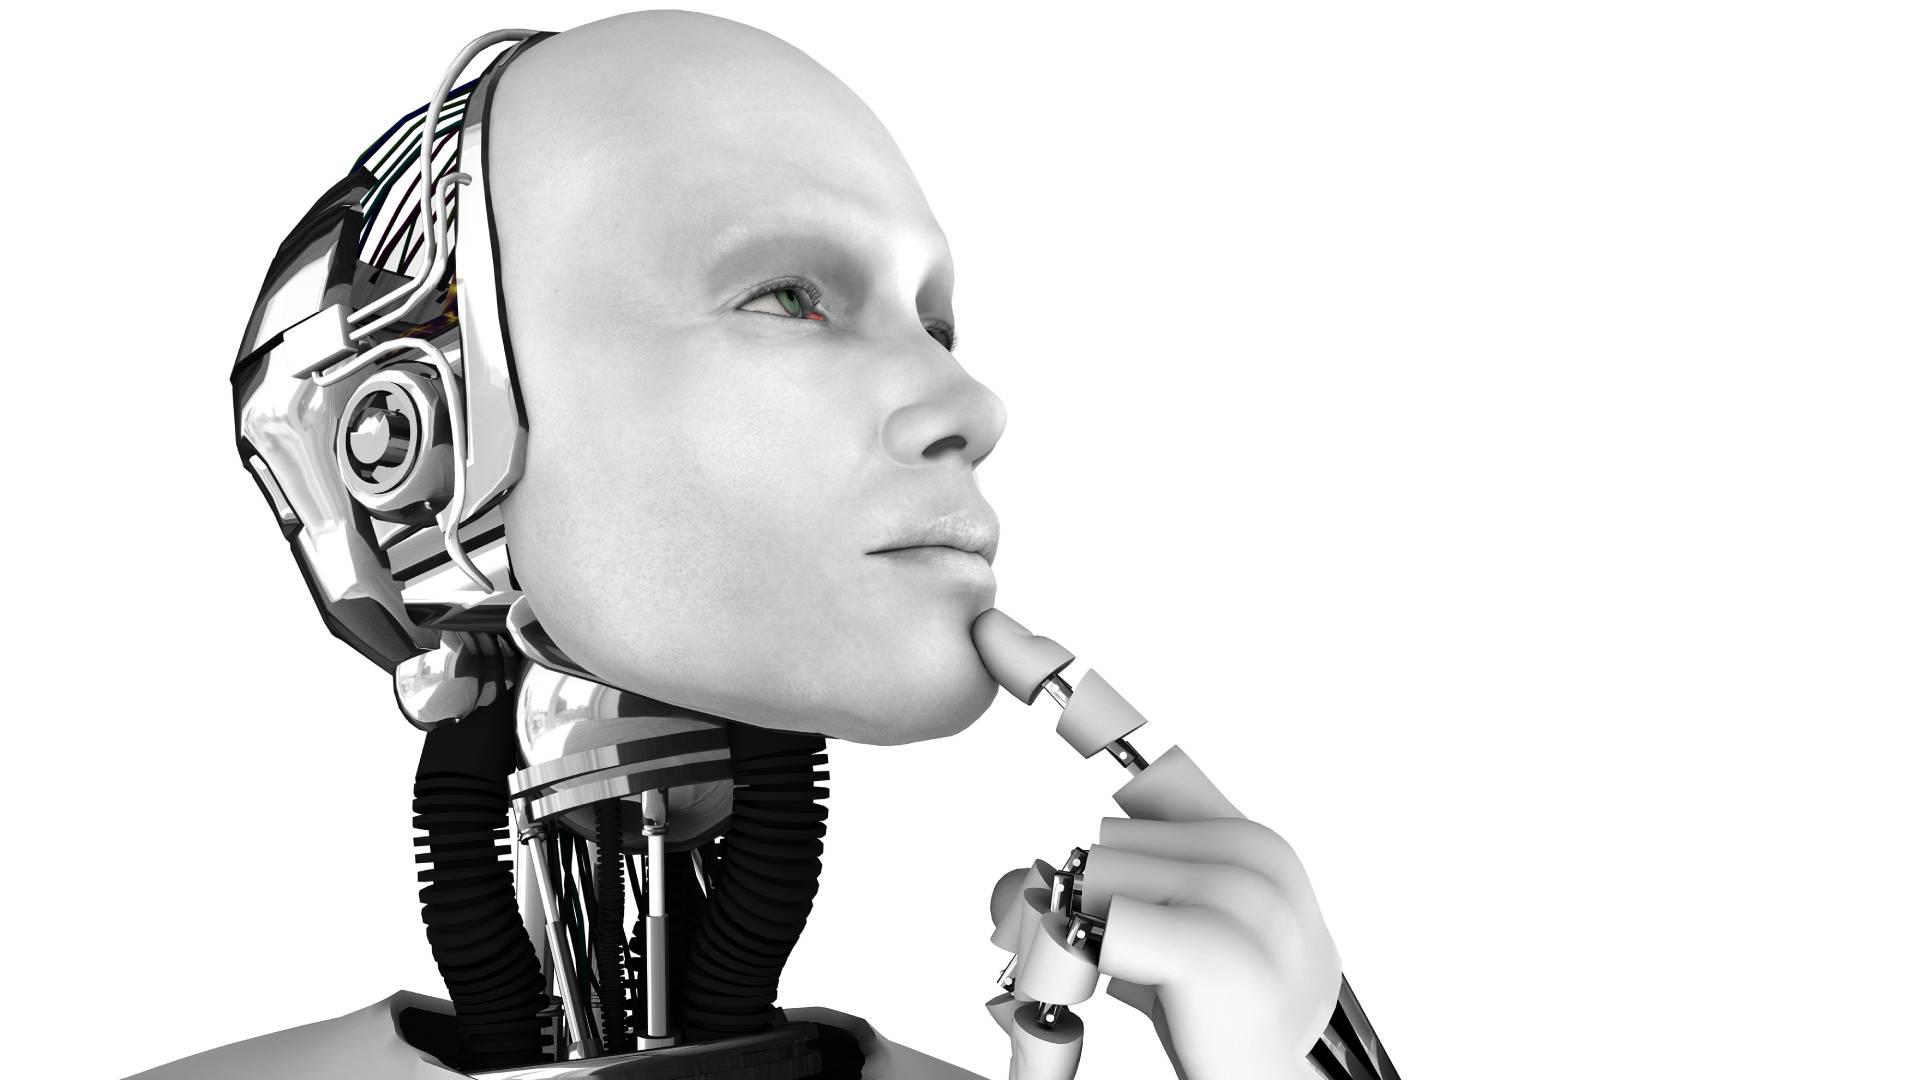 Möglichkeiten und Grenzen der künstlichen Intelligenz